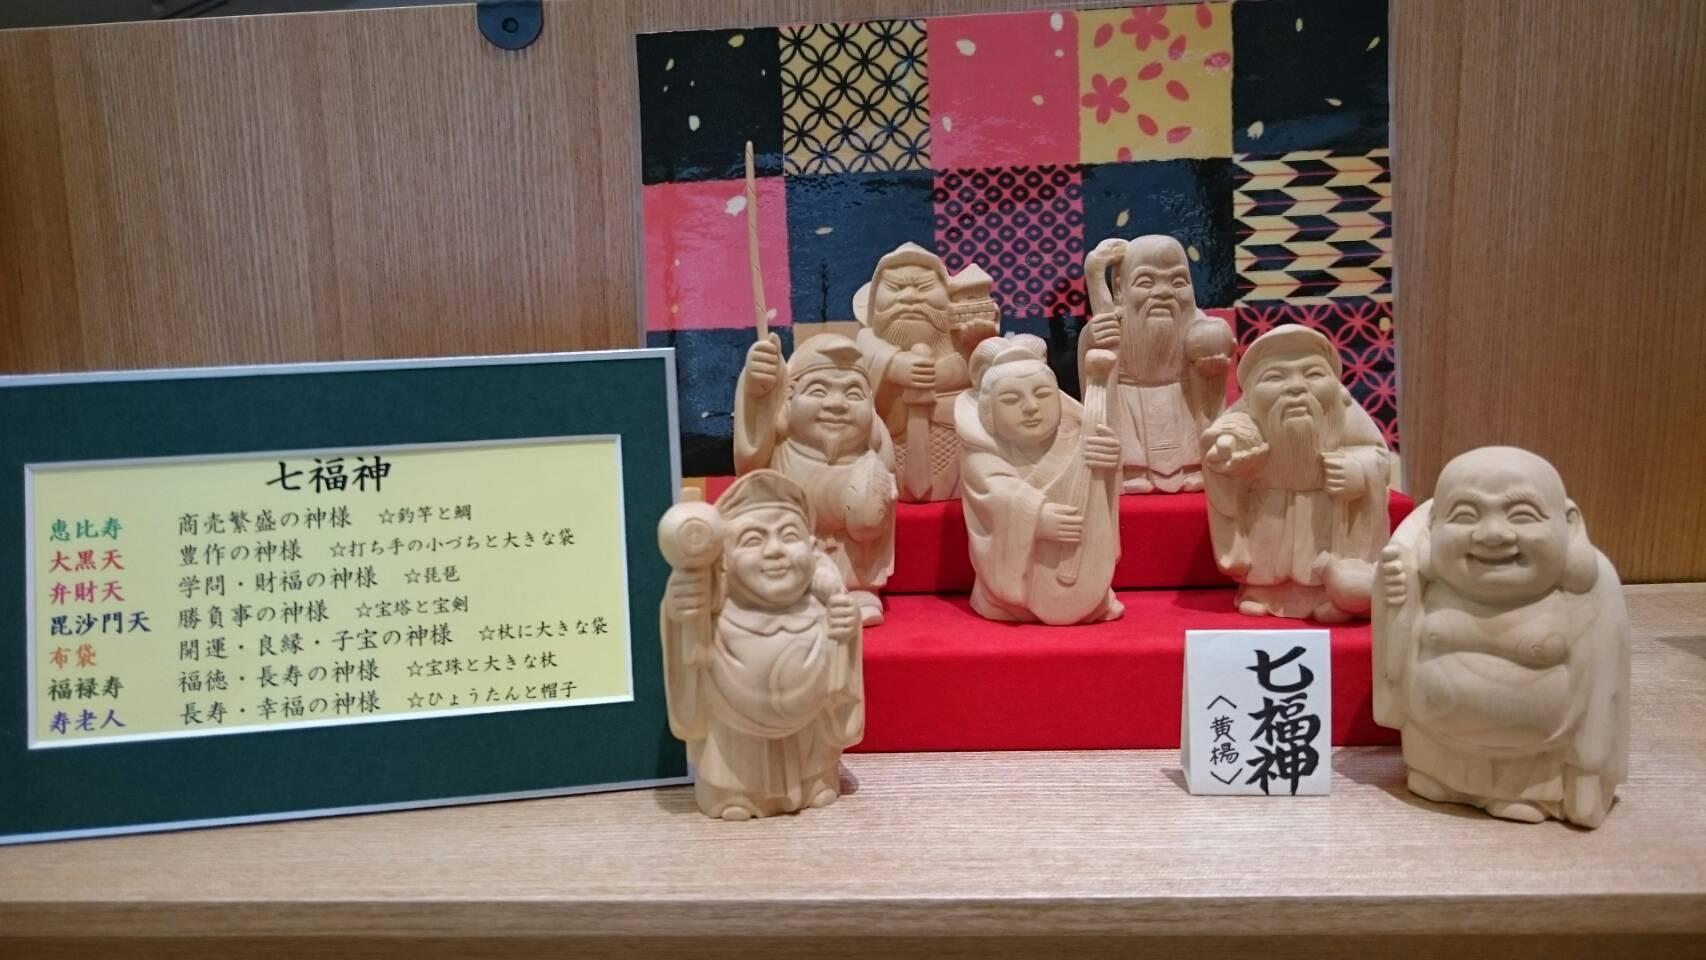 ふくば 福島 仏壇 写真ギャラリー画像4